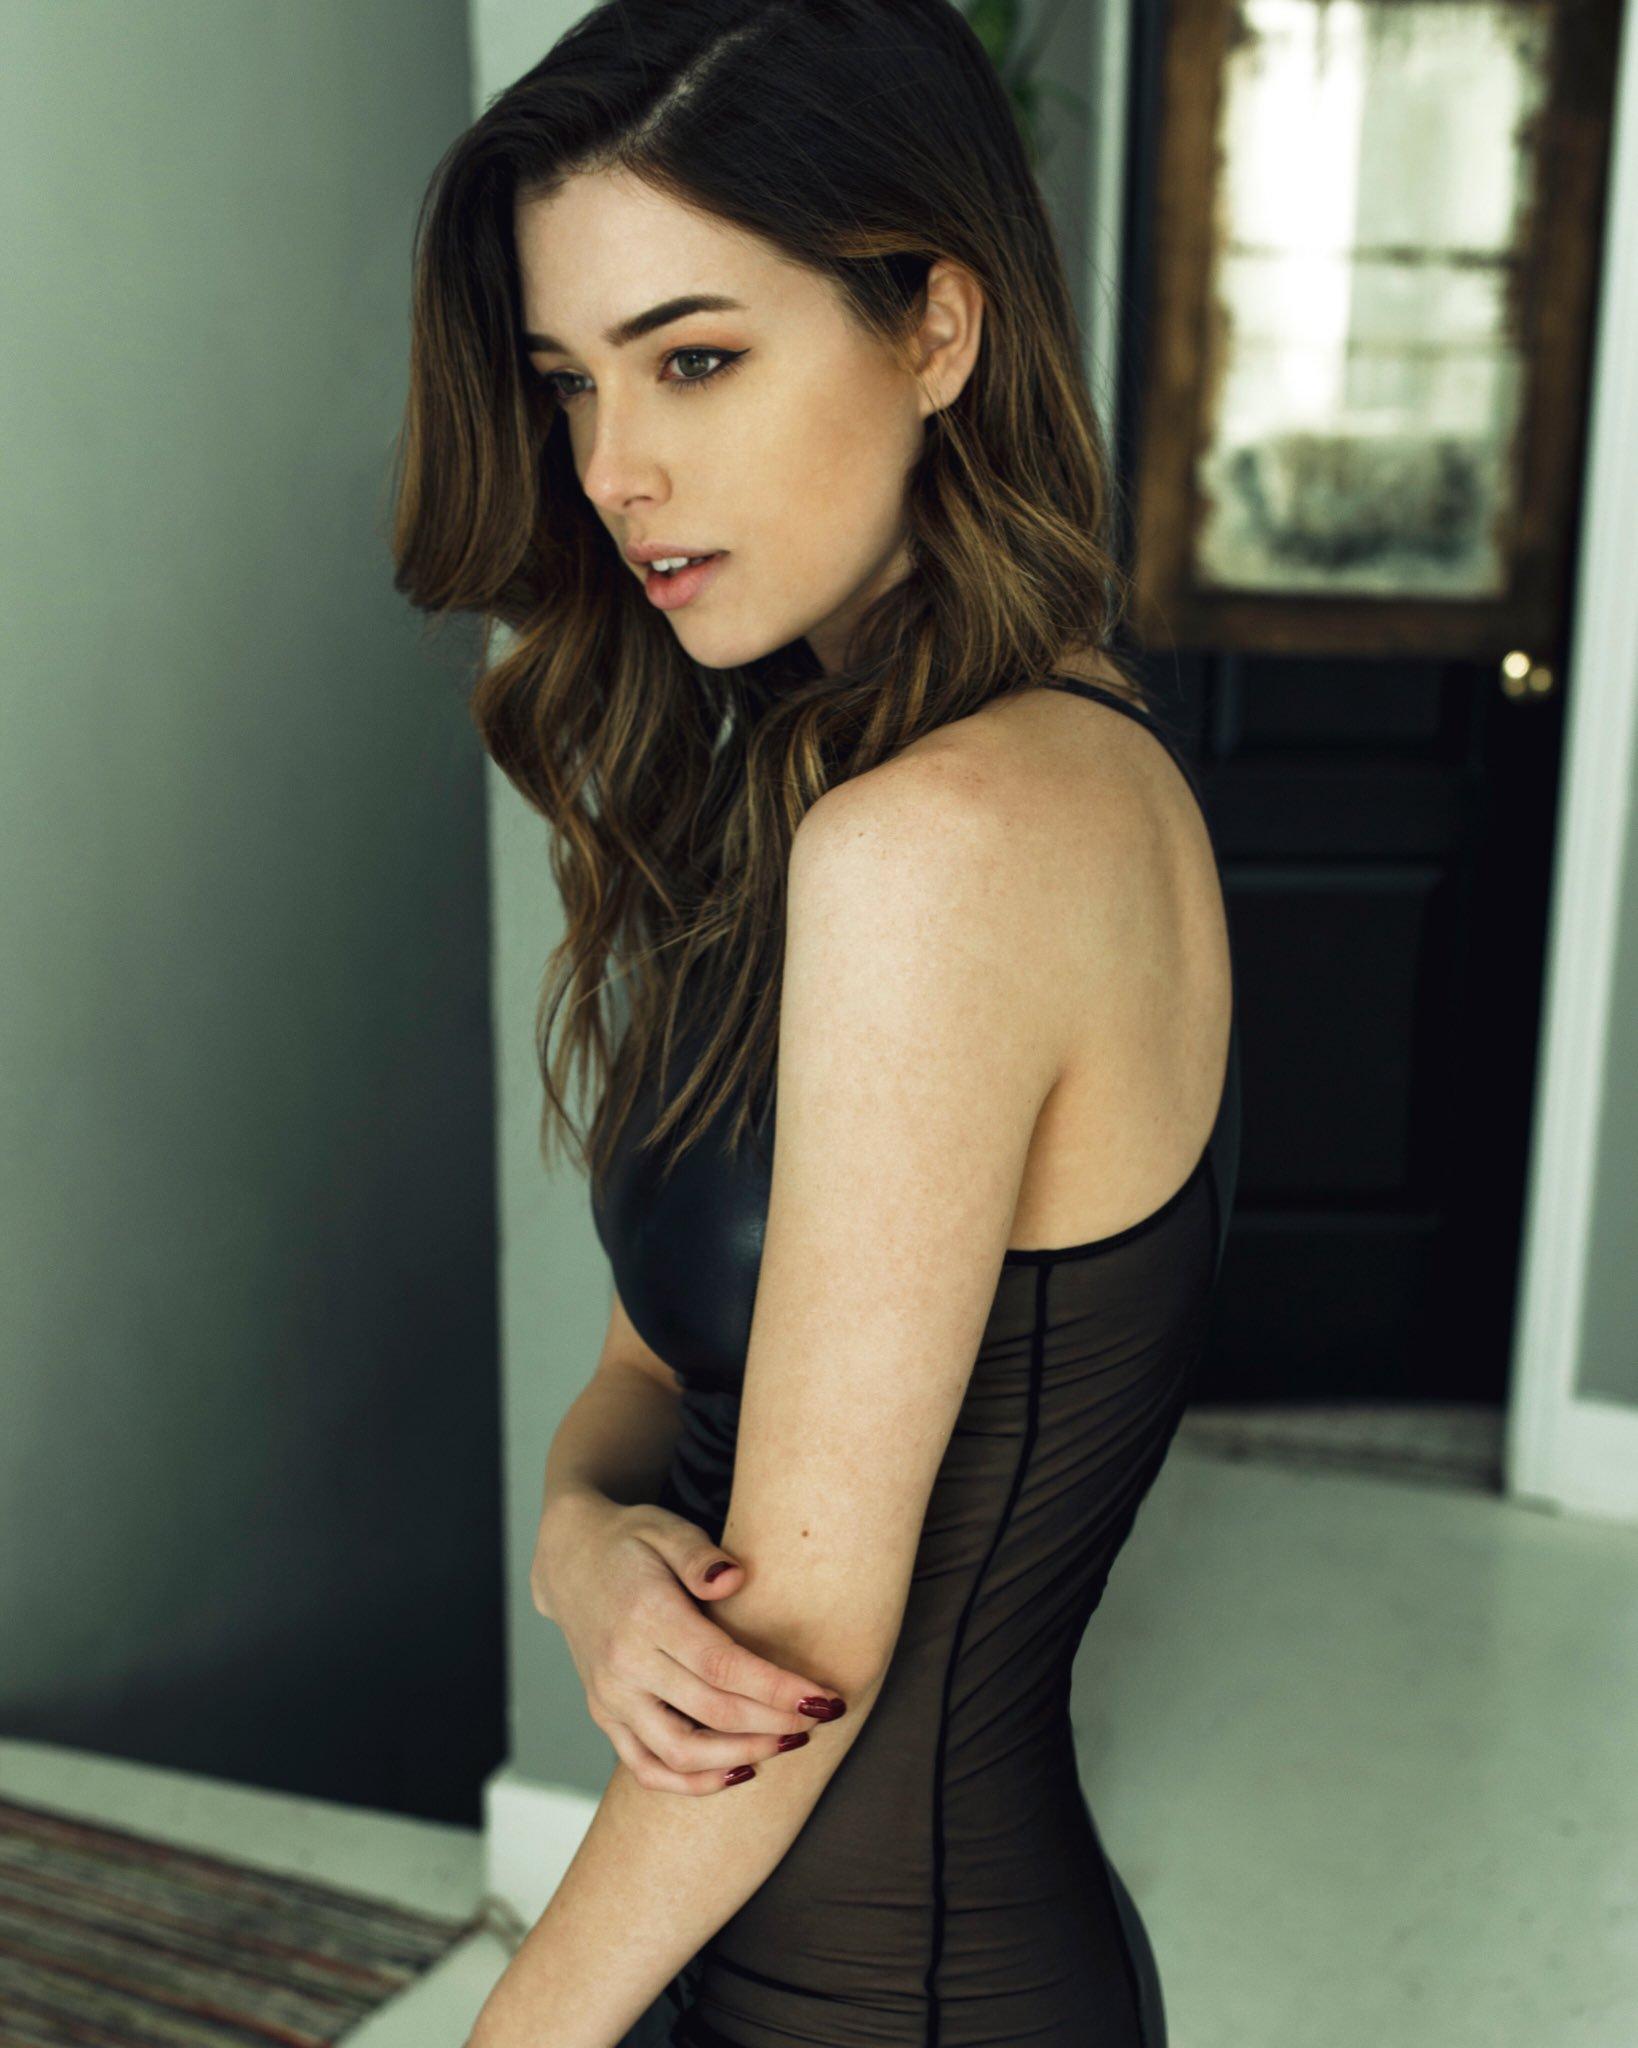 Wallpaper : Lauren Summer, model, looking away, brunette